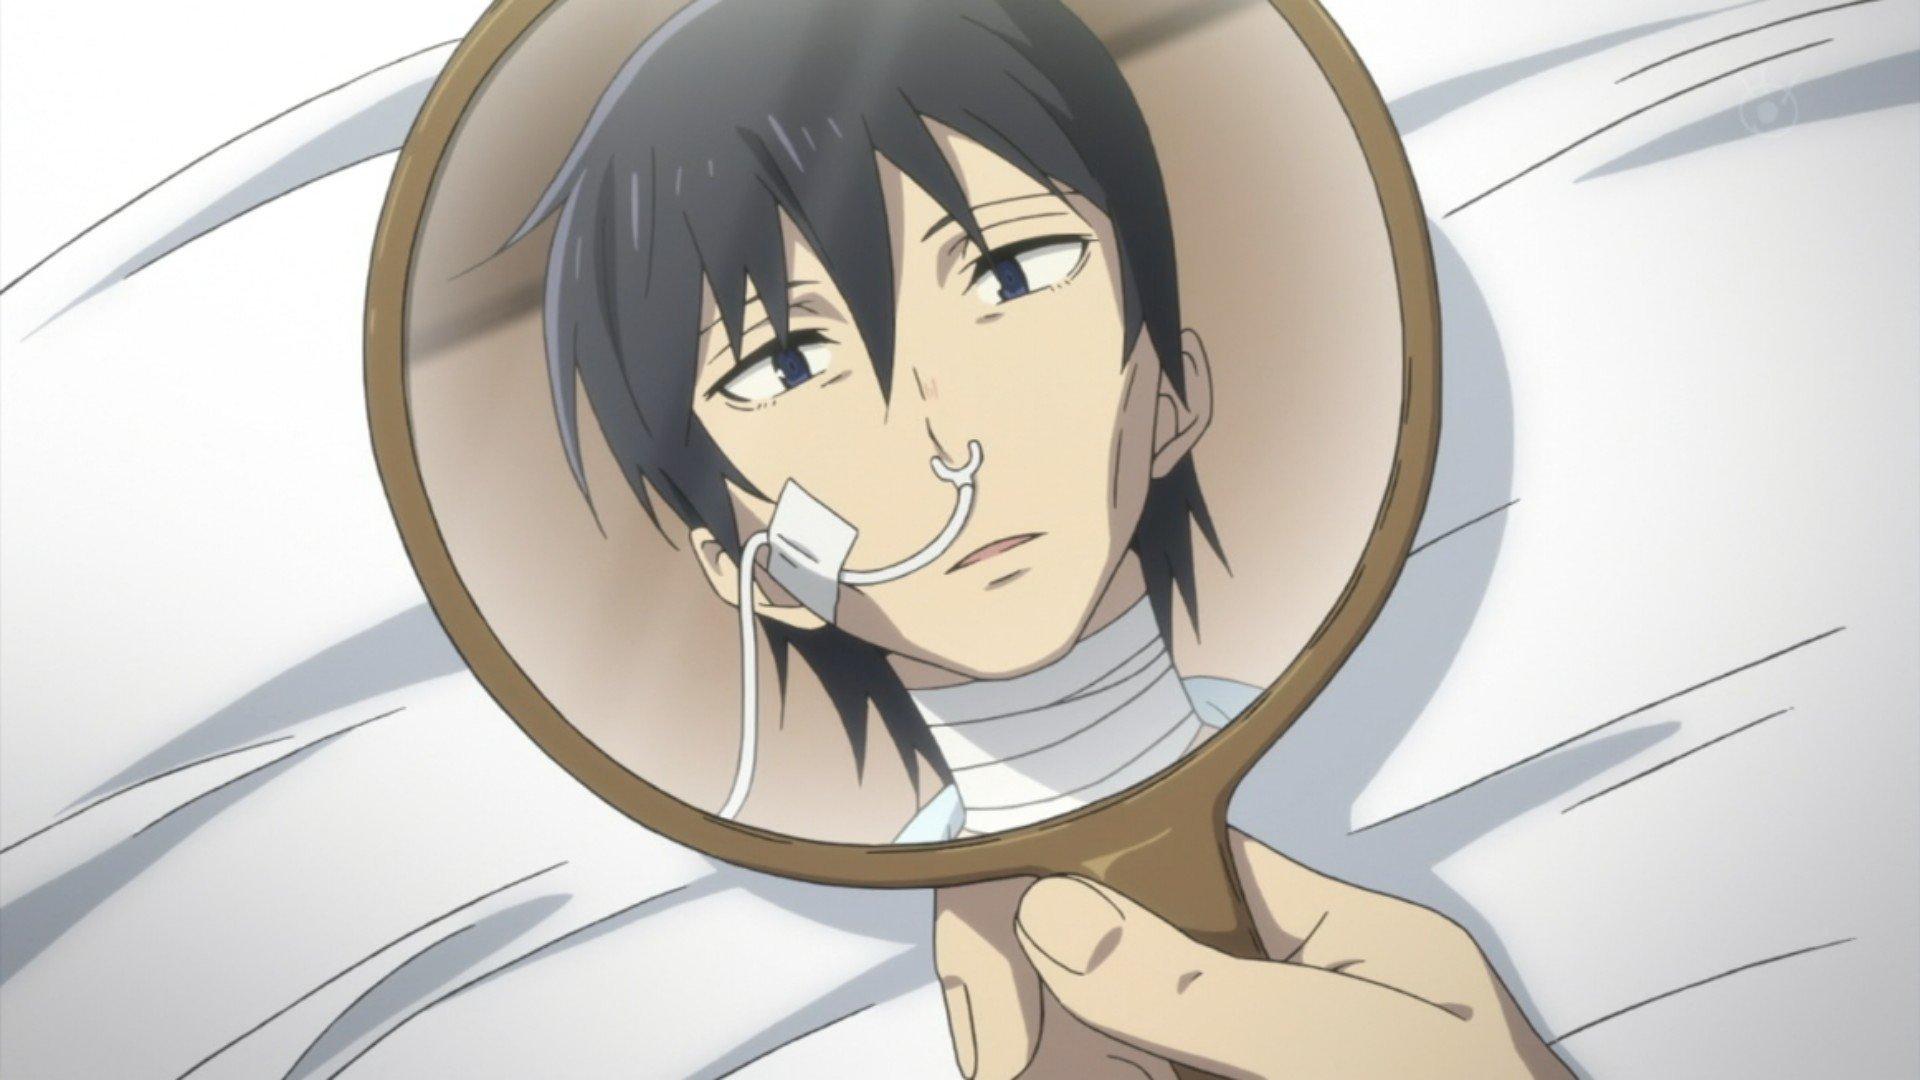 大人になった自分を鏡で見る悟